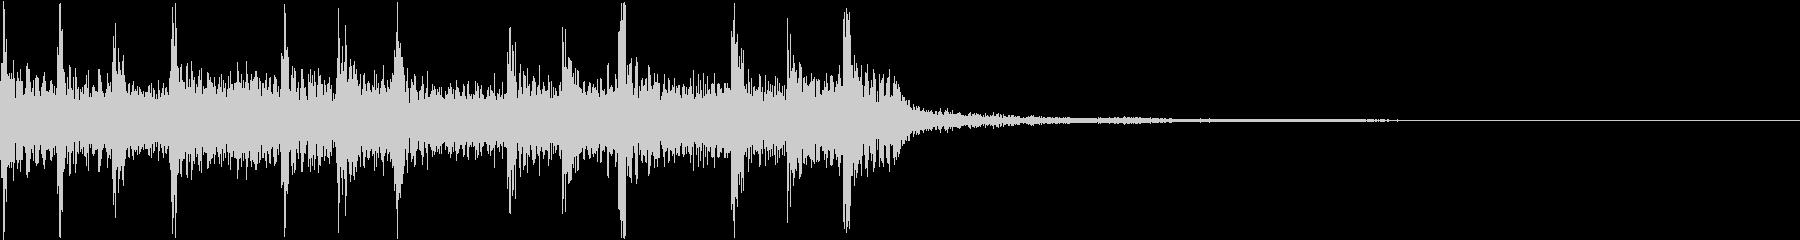 場面転換ロックバンドジングル2の未再生の波形